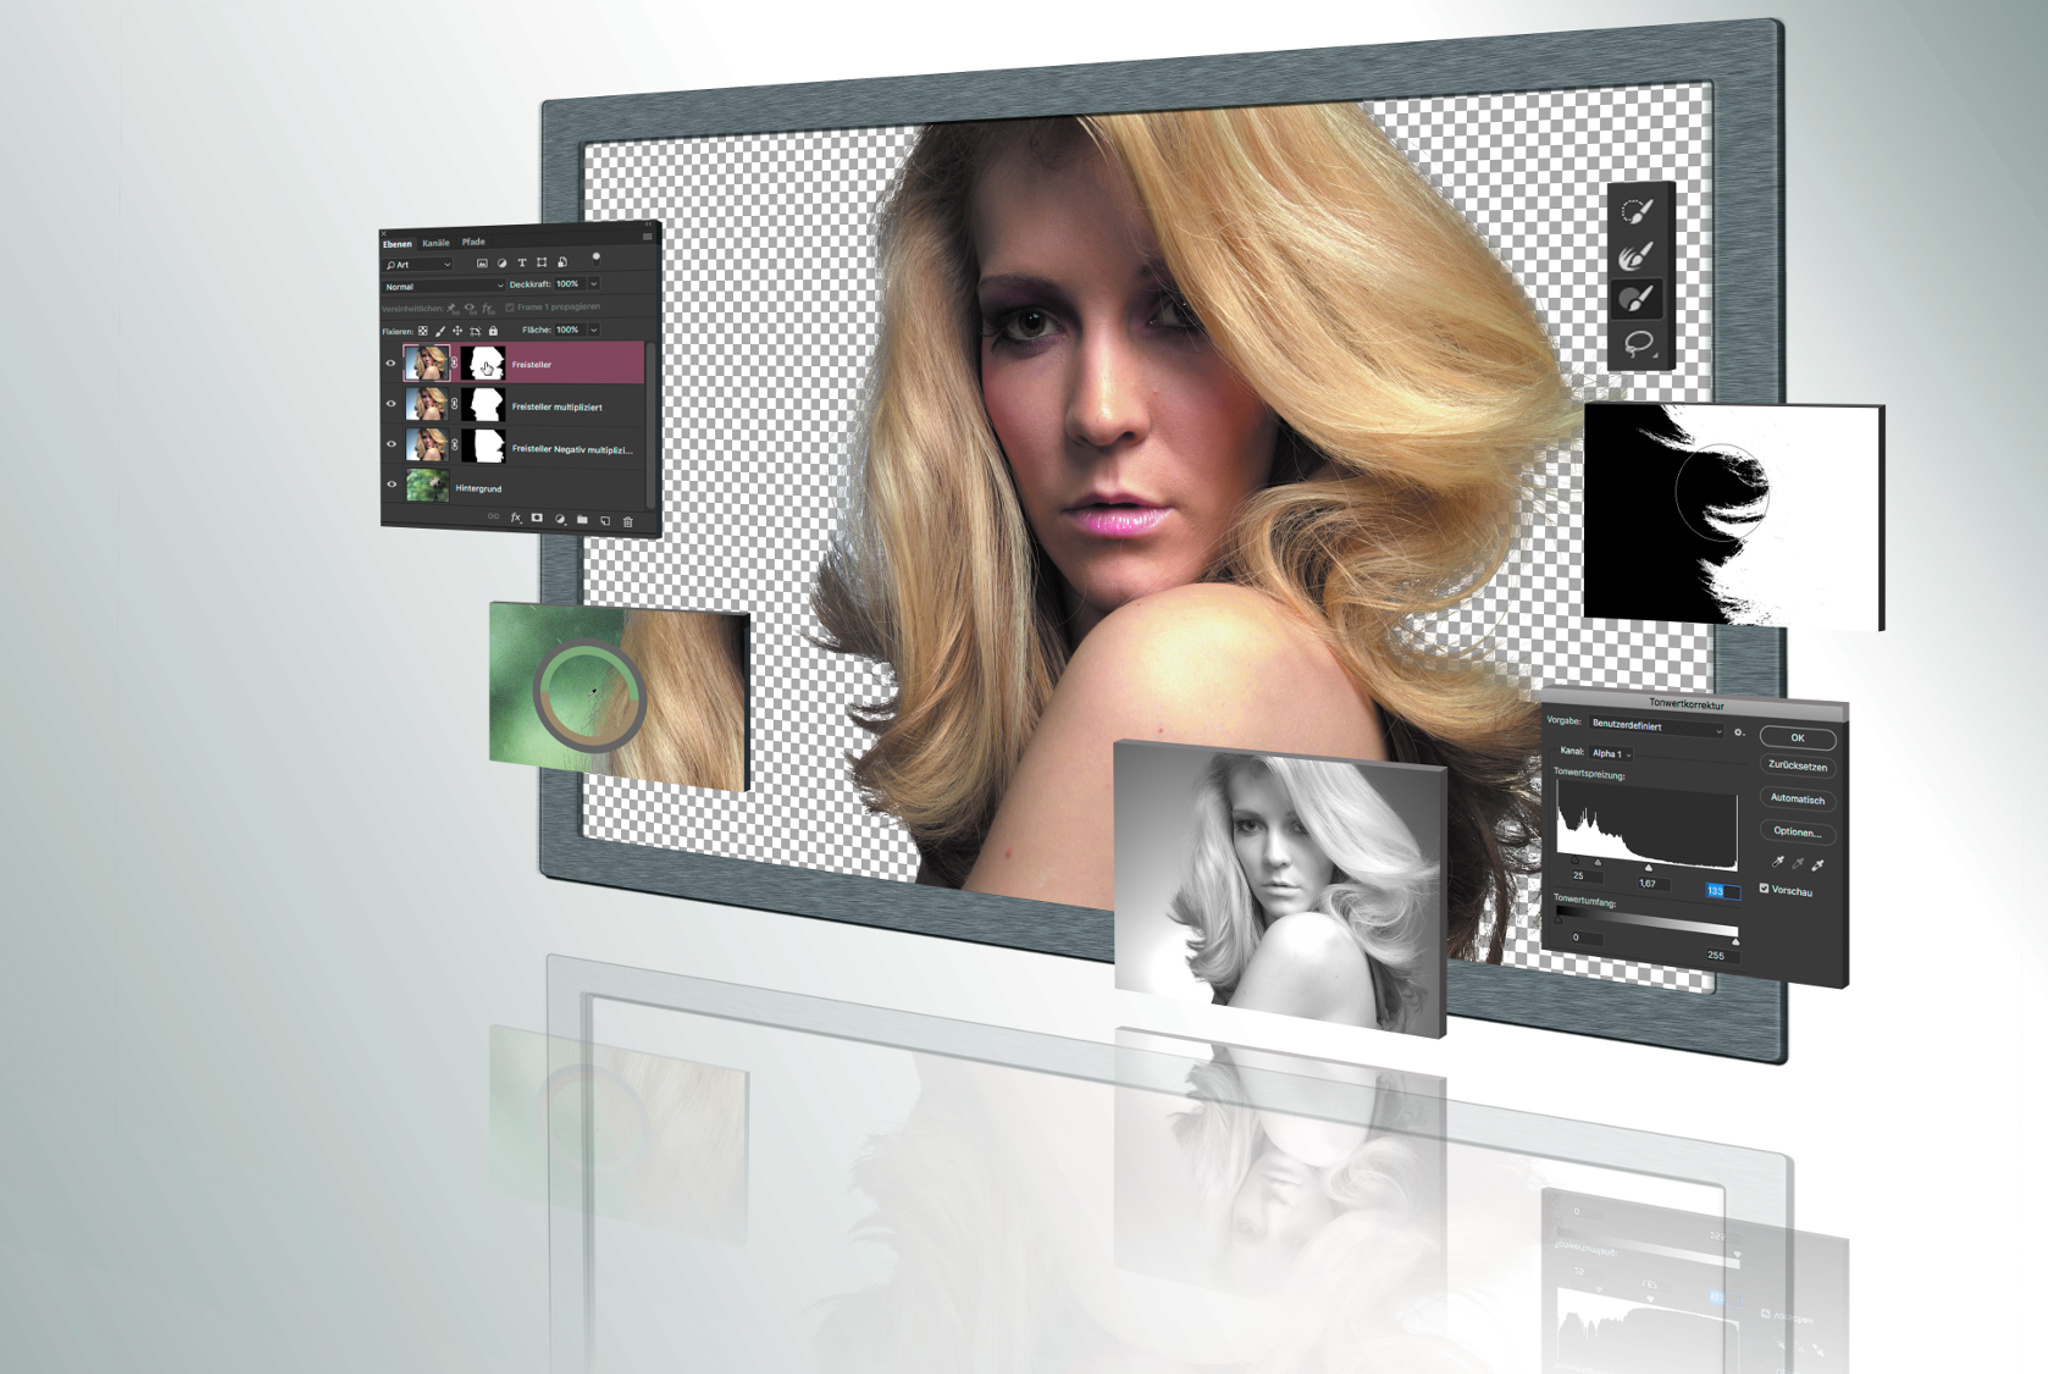 Freistellen Die Kür Ct Digitale Fotografie Heise Magazine